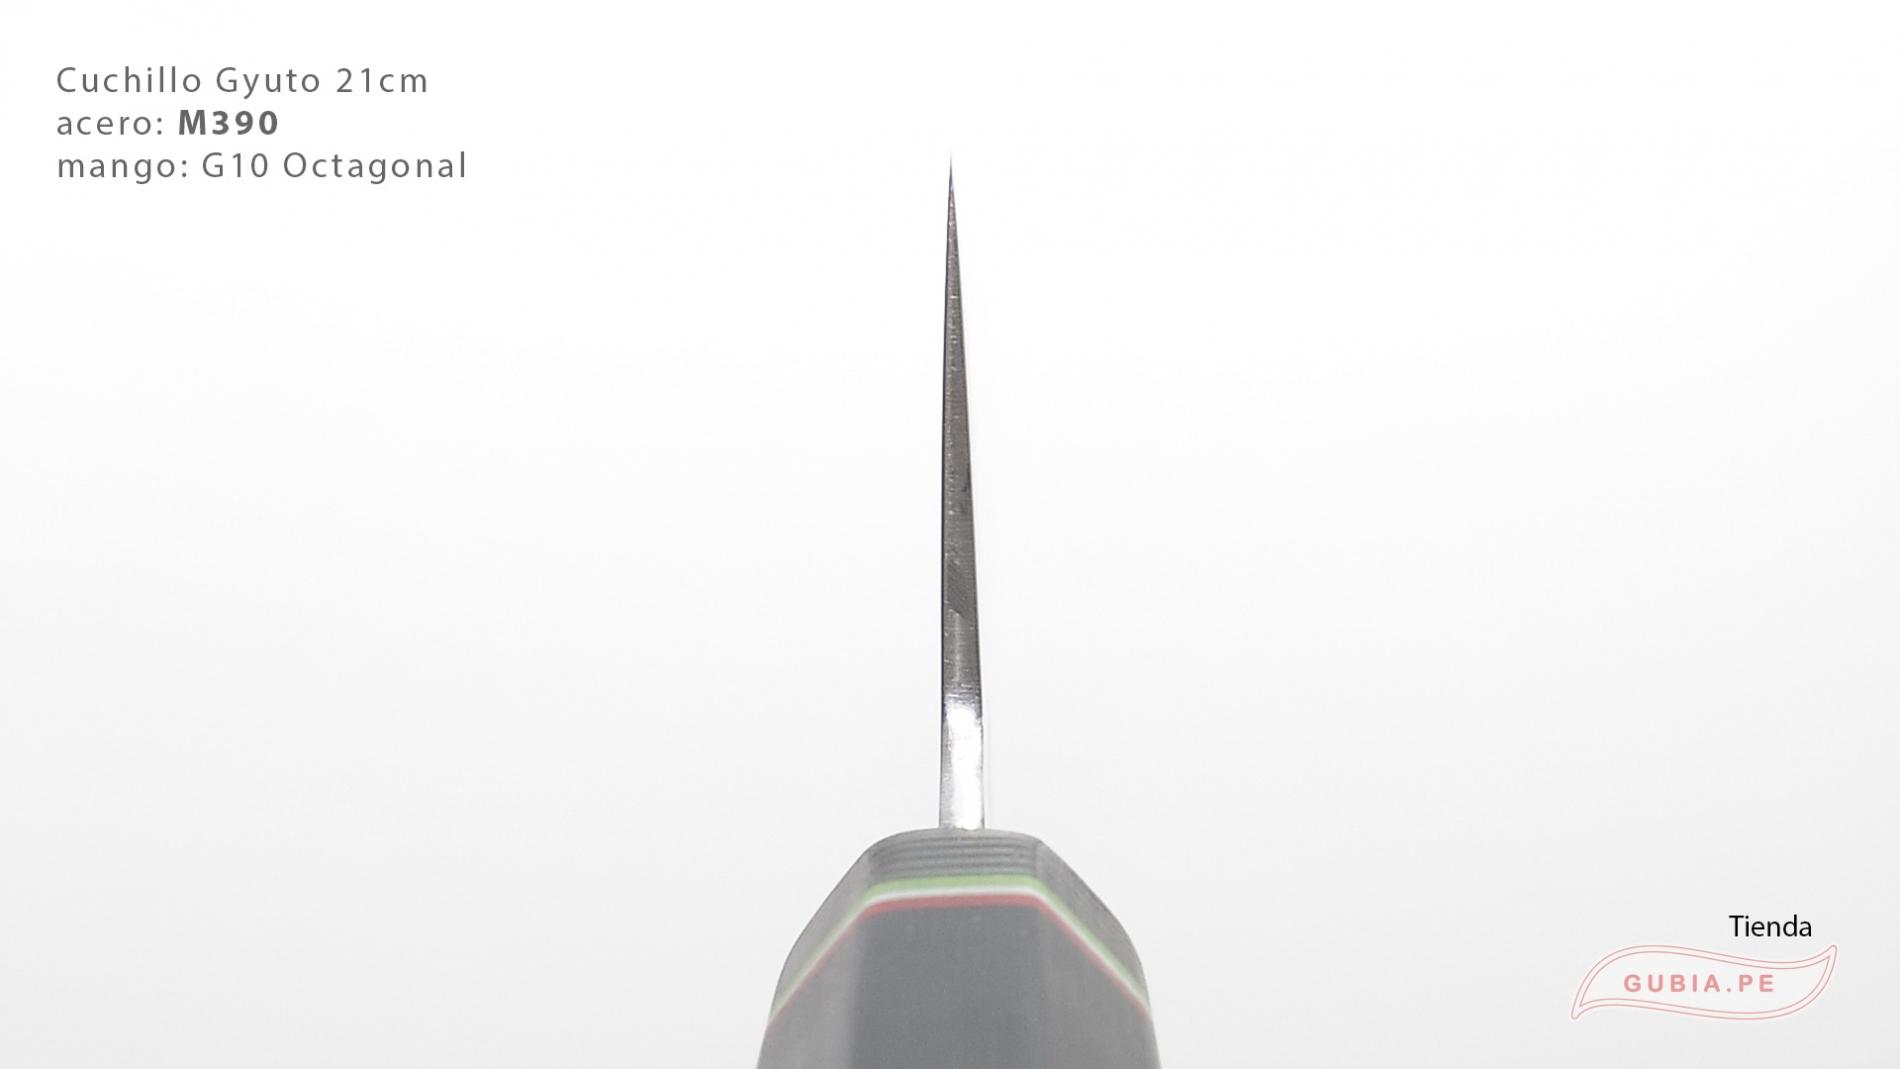 GUB0083-Cuchillo Gyuto 21 cm acero M390 mango G10 octagonal negro Italia GUB0083-max-2.